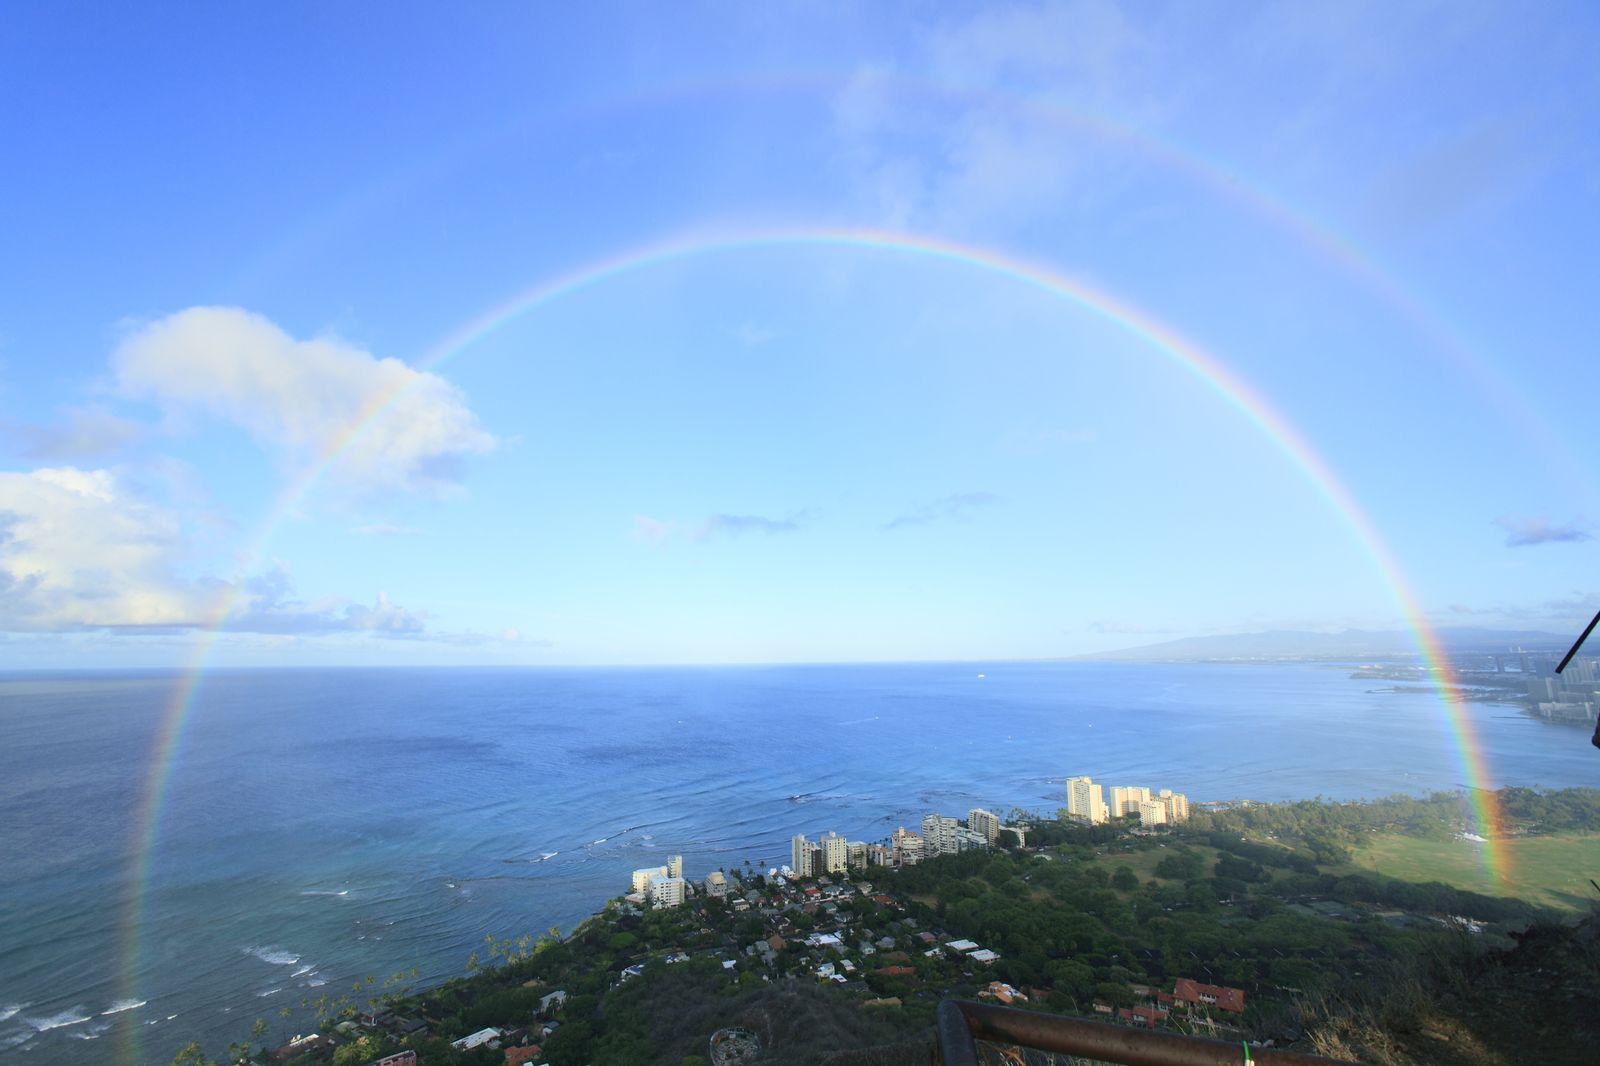 ちなみにハワイは別名「Rainbow State(虹の州)」と呼ばれ、車のナンバープレートにも虹のイラストが描かれているほど、よく虹が出る場所ですが、とりわけダイヤモンドヘッドの山頂から見る虹は最高!